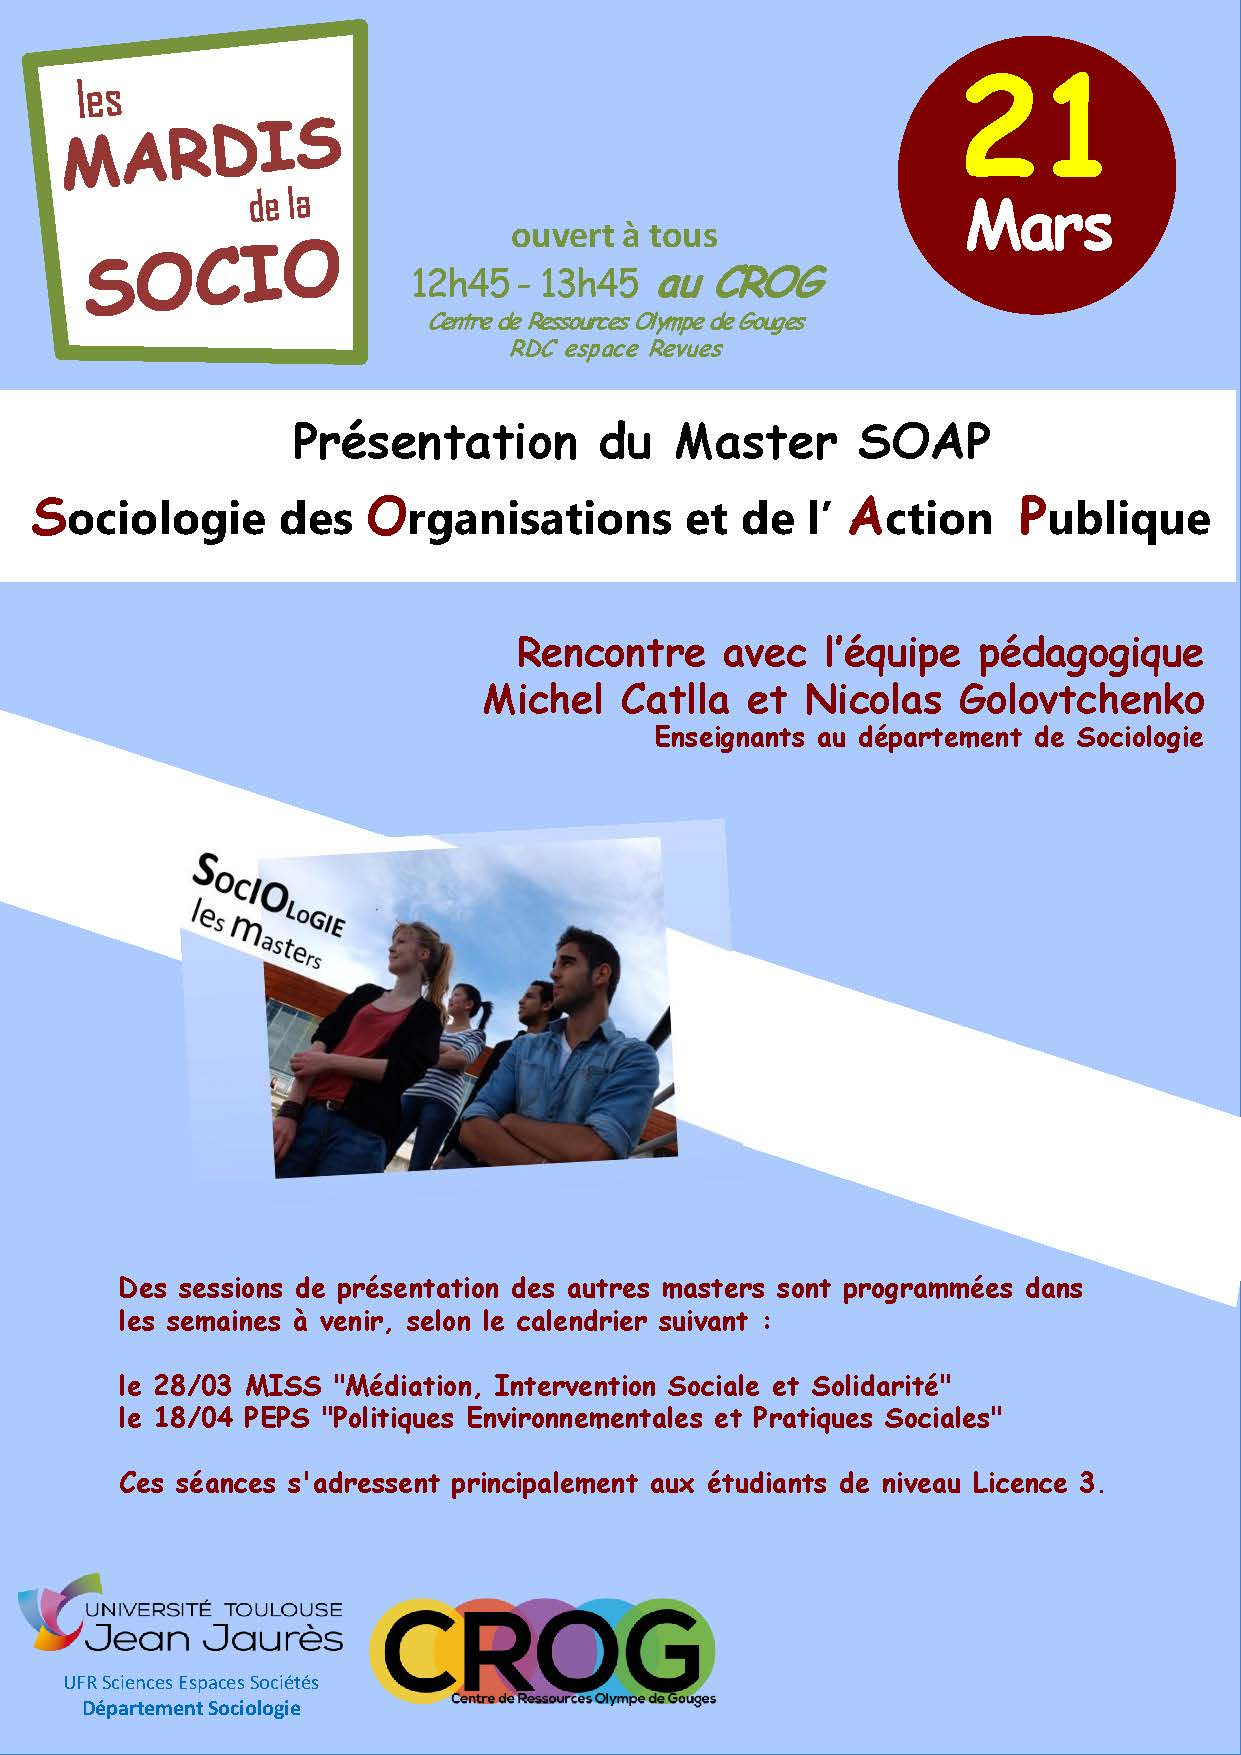 Affiche de la conférence